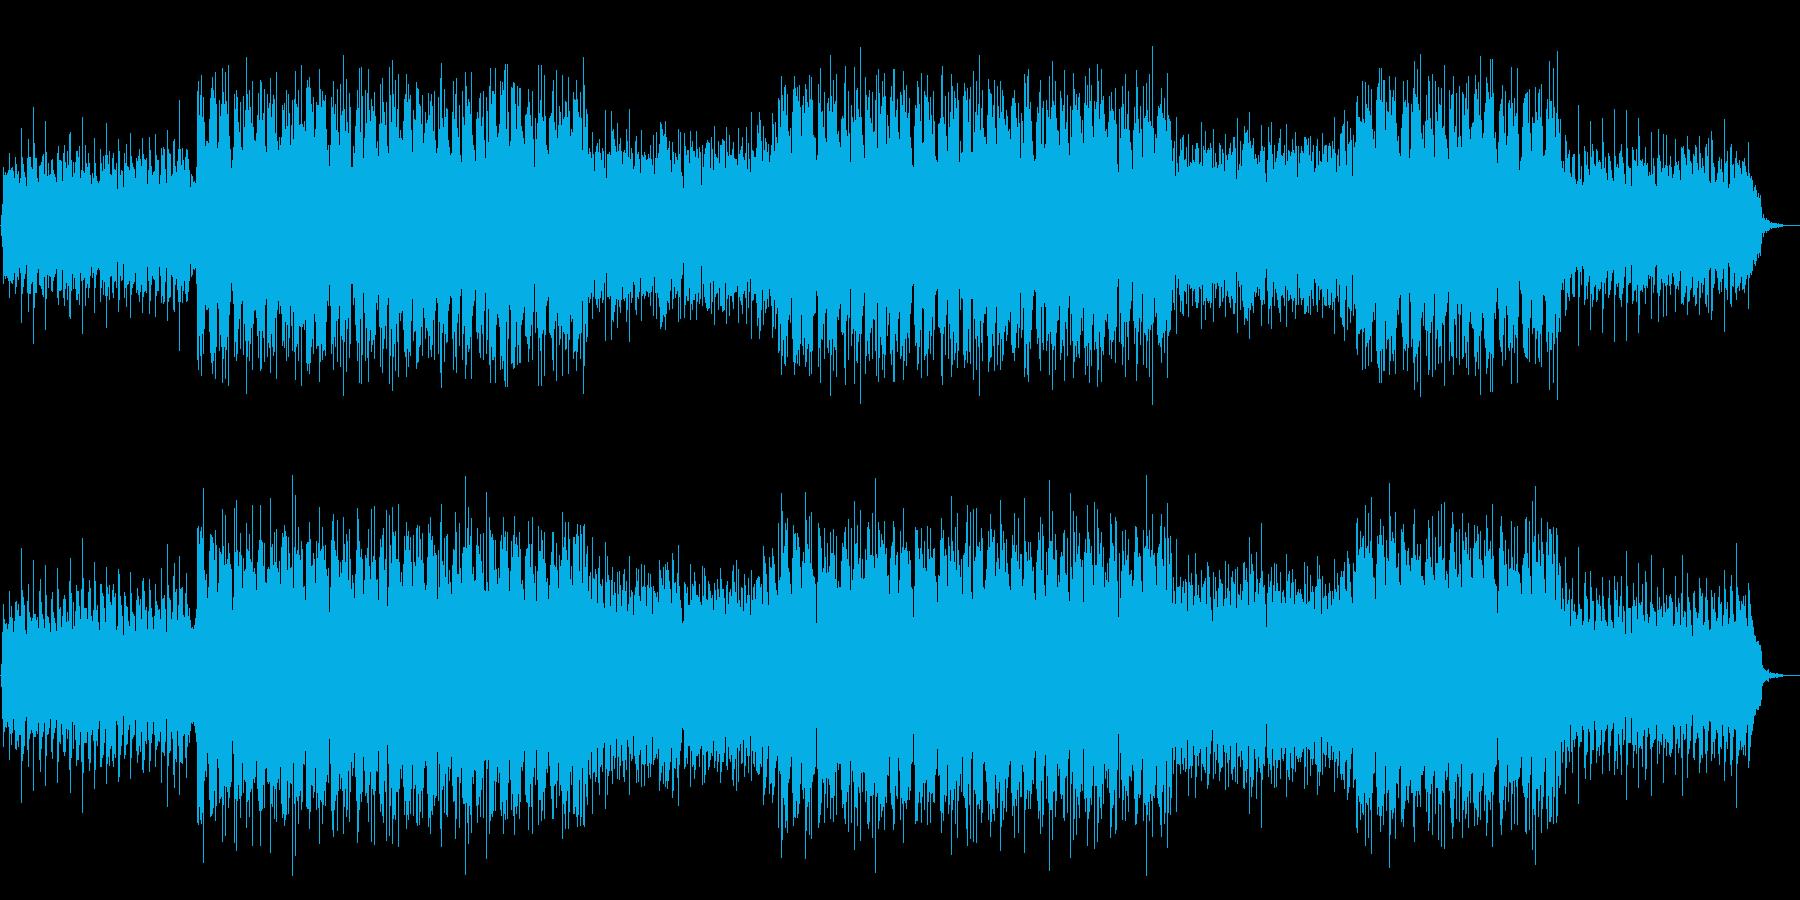 【生篠笛】リラックスした和風ヒップホップの再生済みの波形